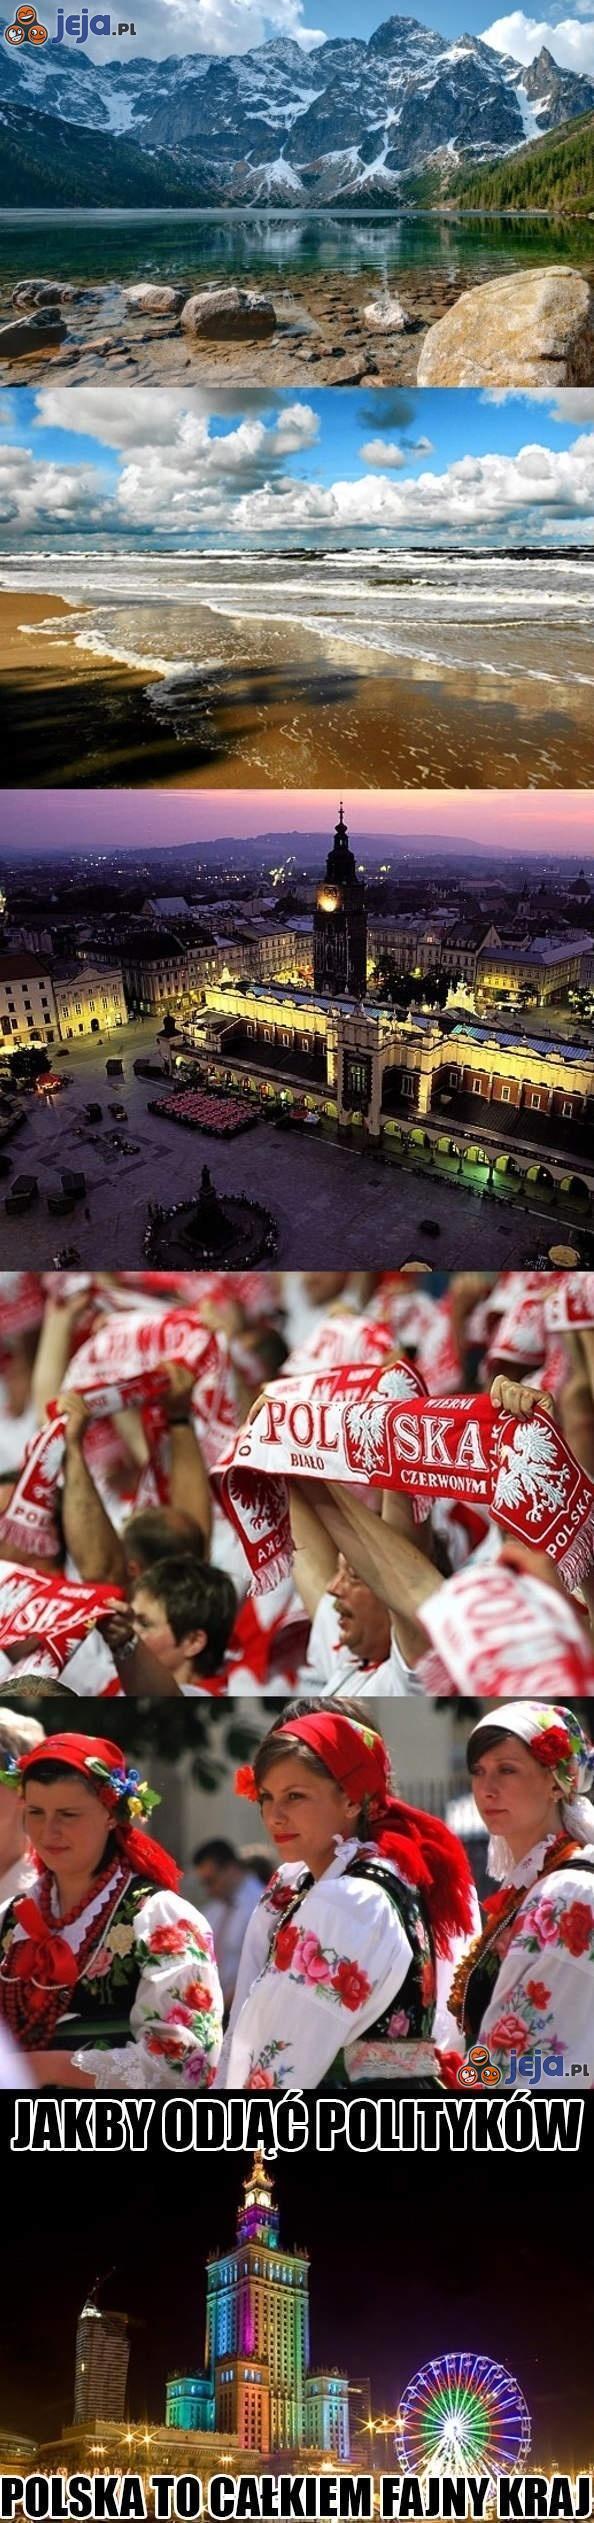 Polska to całkiem fajny kraj